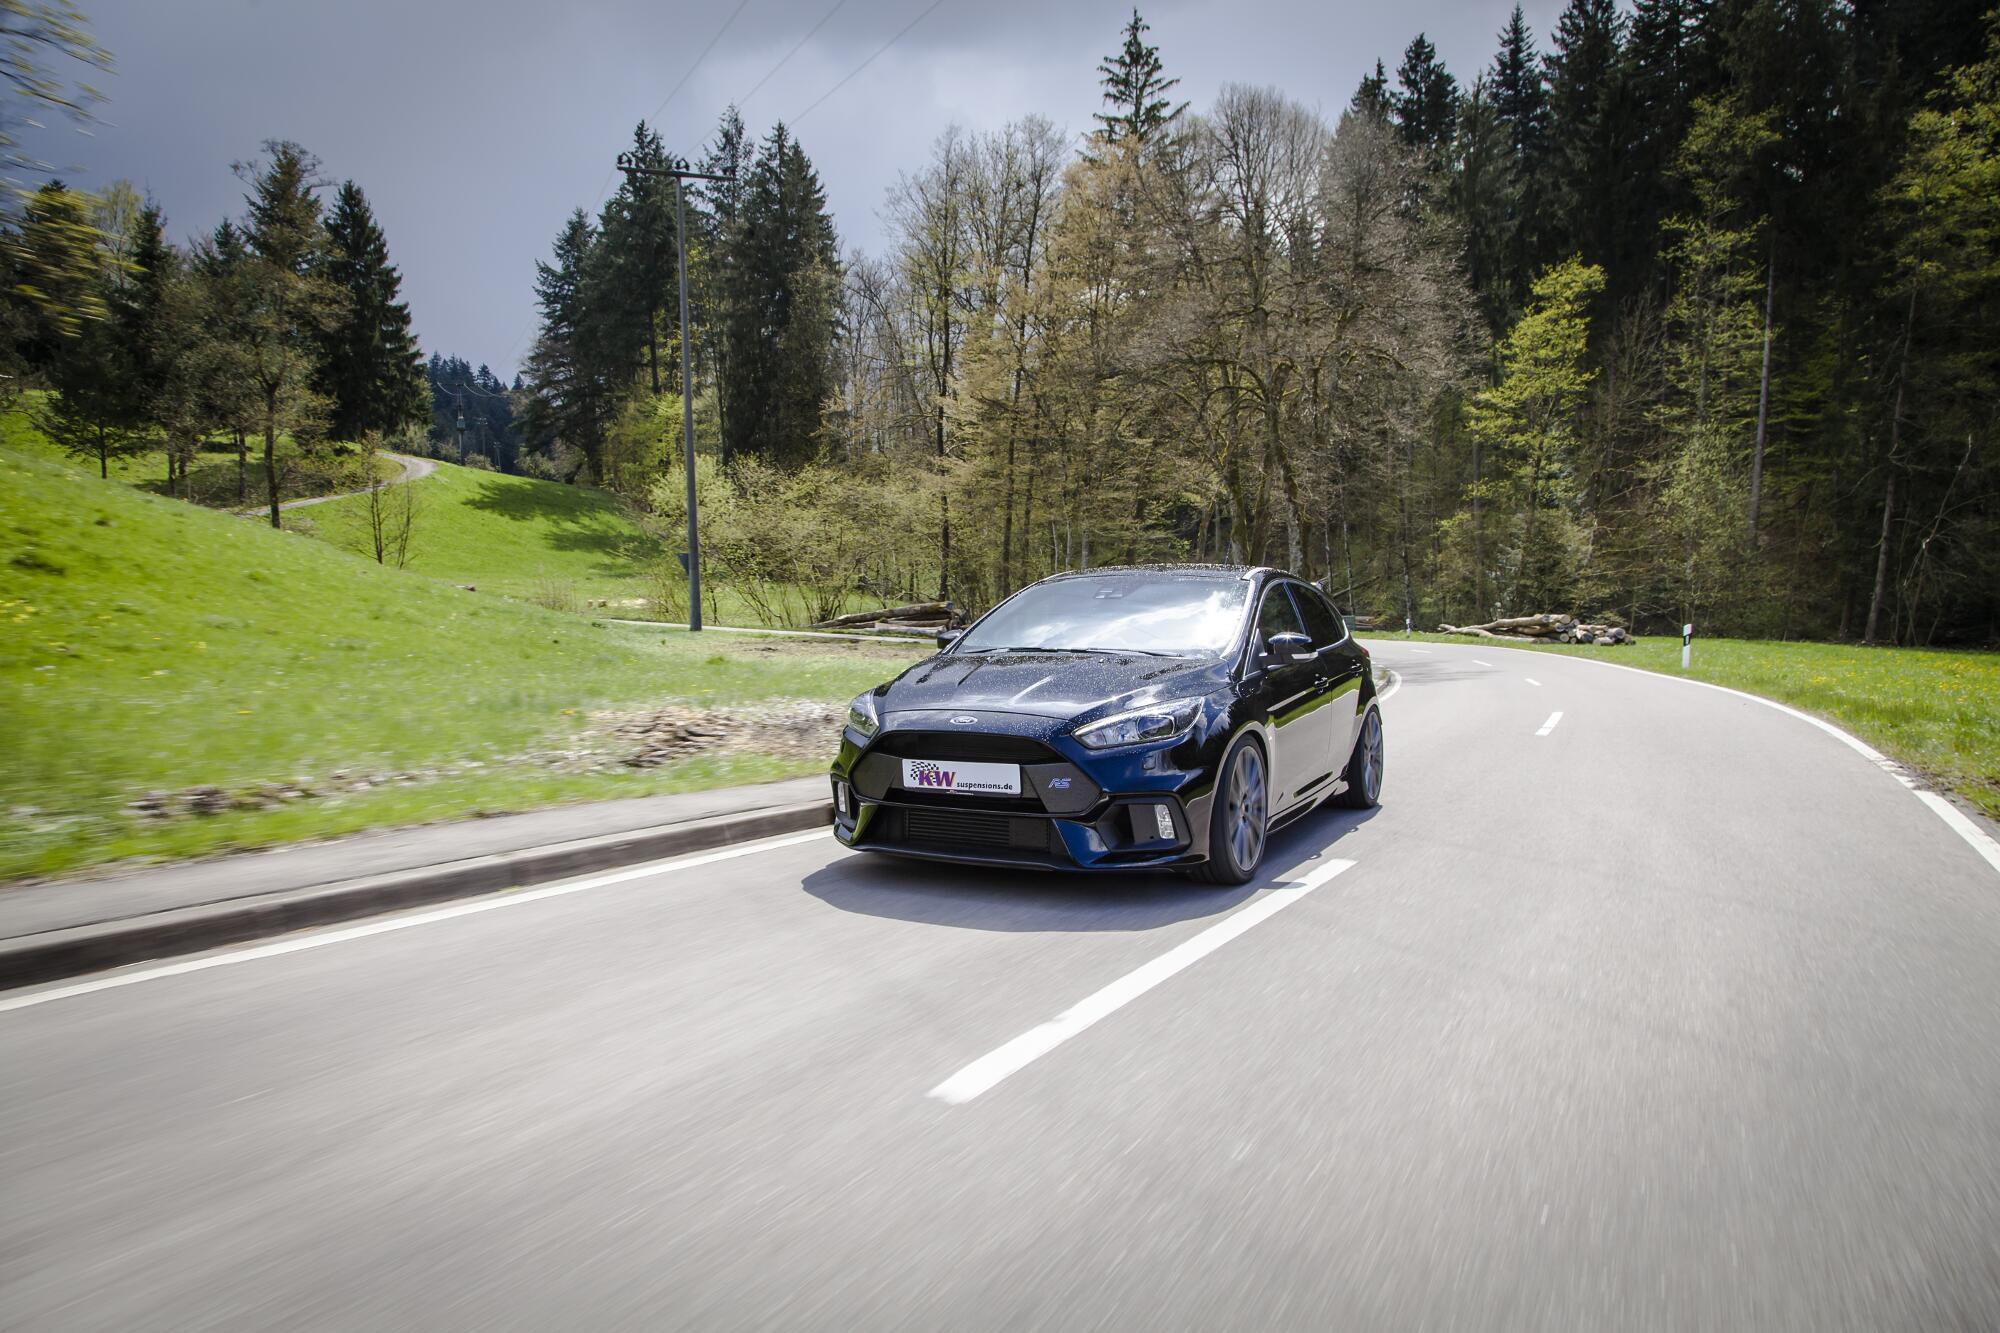 Ford Focus RS Fahraufnahme